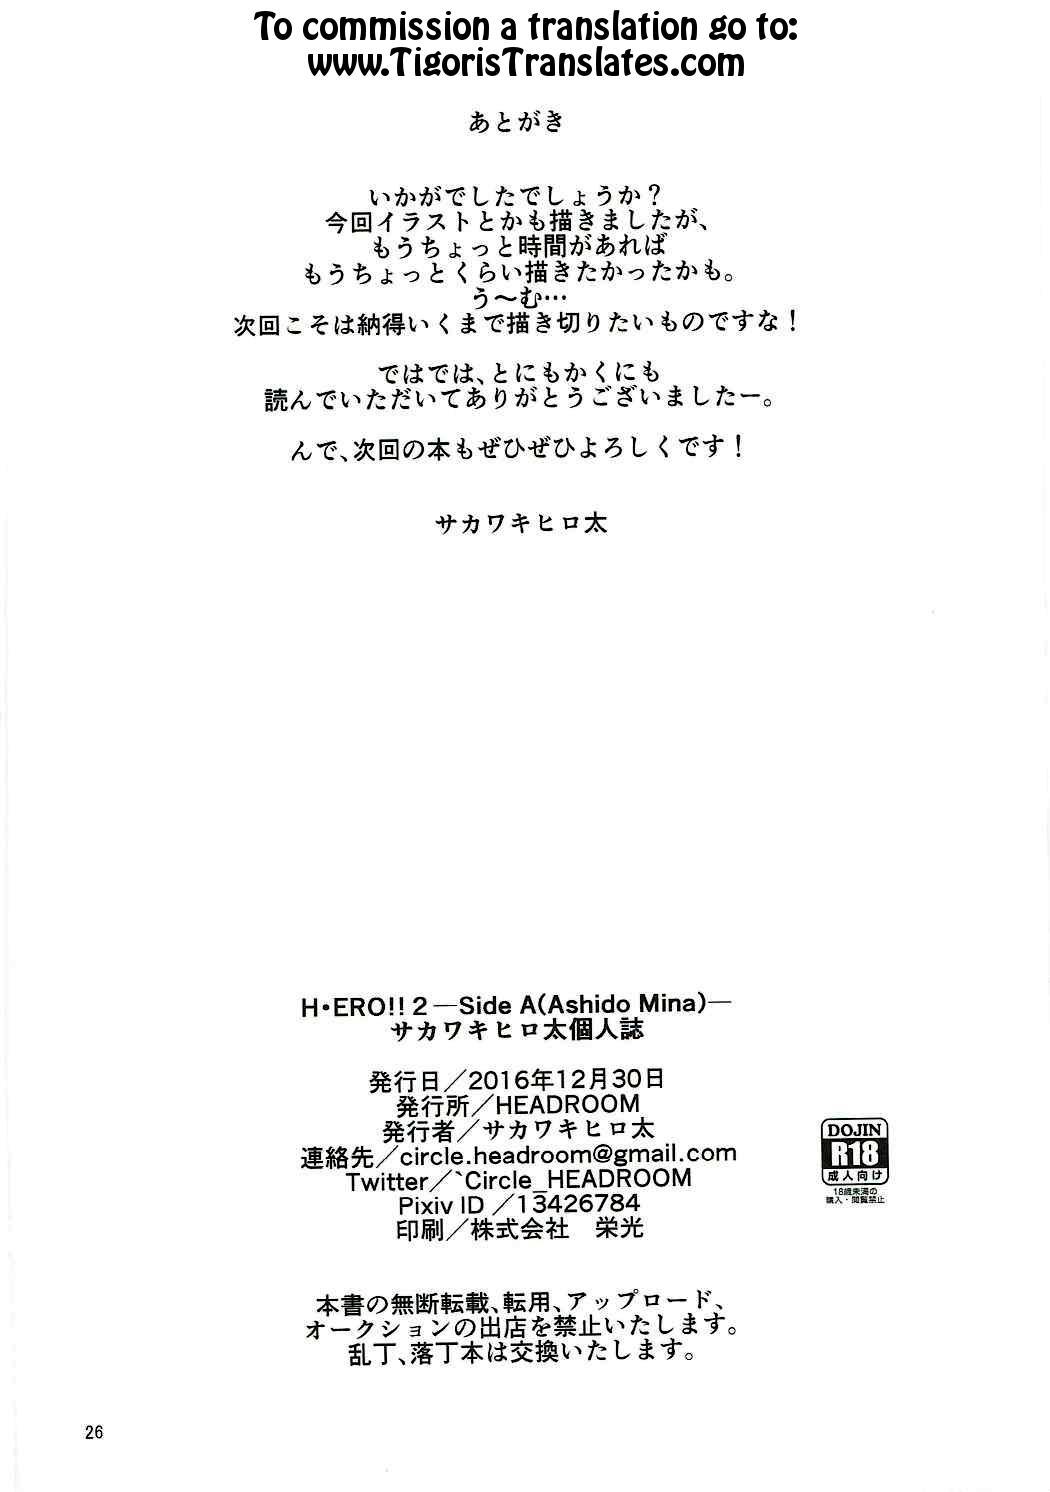 (C91) [HEADROOM (Sakawaki Herodai)] H ERO!! 2 -Side A(Ashido Mina)- Sakawaki Herodai Kojinshi (Boku no Hero Academia) [English] [Tigoris Translates] 24